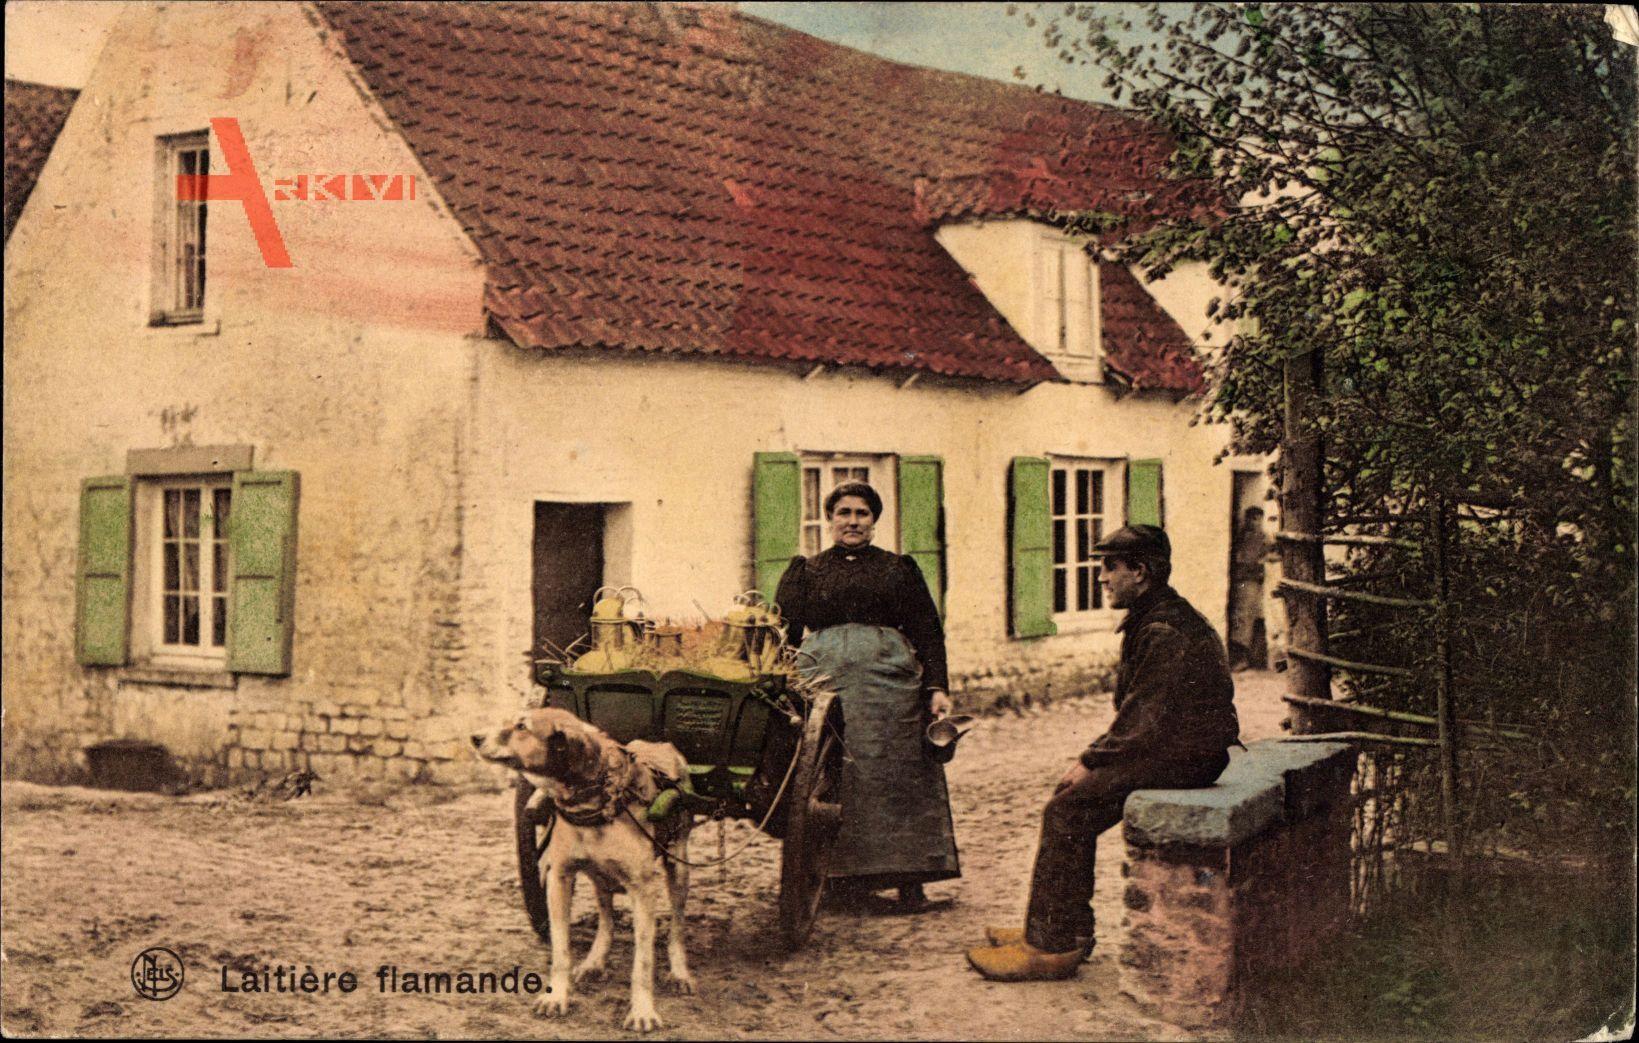 Laitiere flamande, Milchfrau in Tracht mit Hundekarren, Wohnhaus